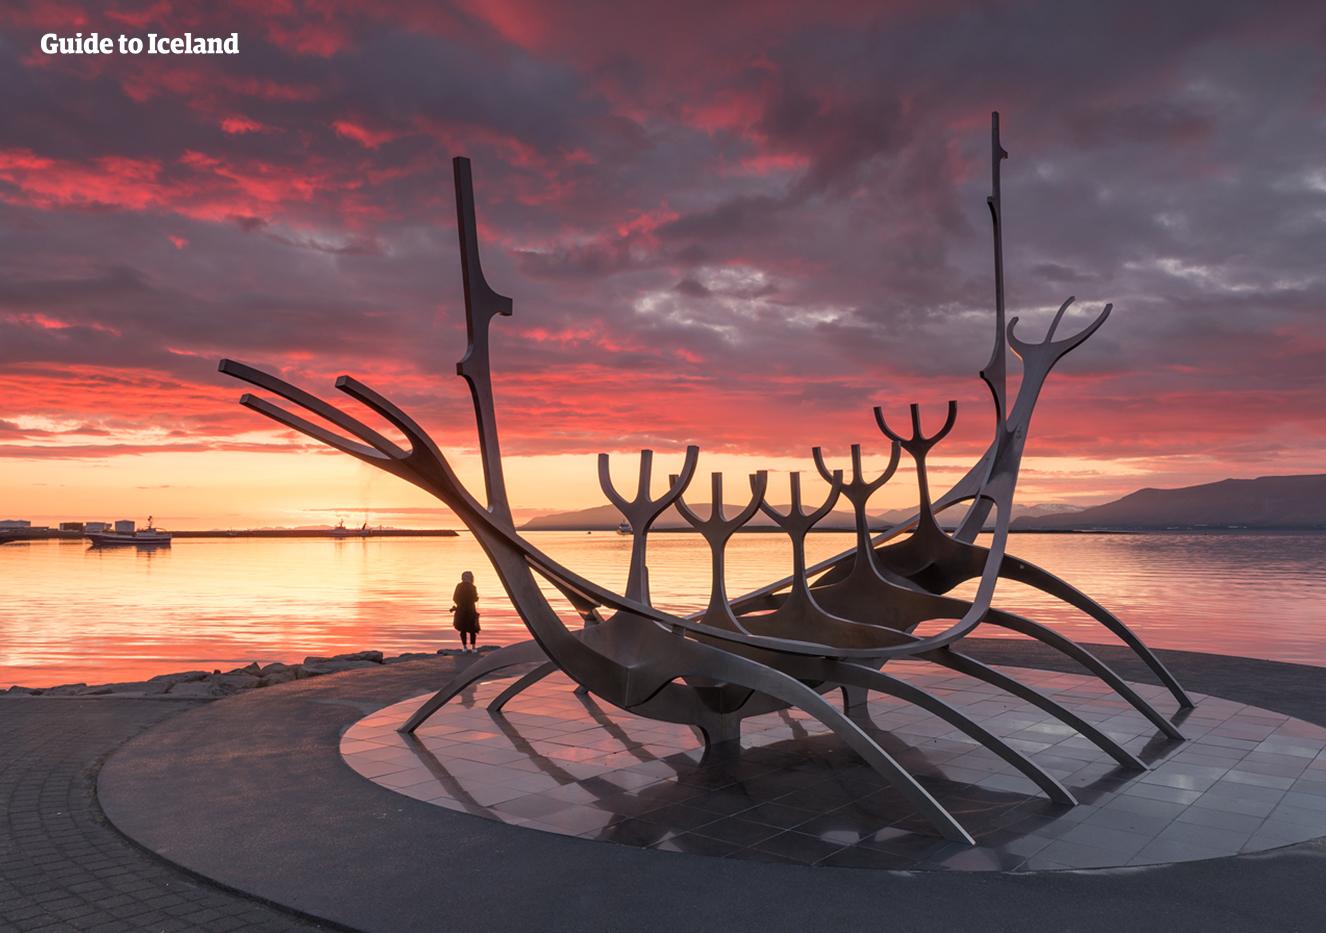 Relaksująca 11-dniowa, zimowa wycieczka z własnym samochodem po południowym wybrzeżu Islandii i Snaefellsnes - day 11